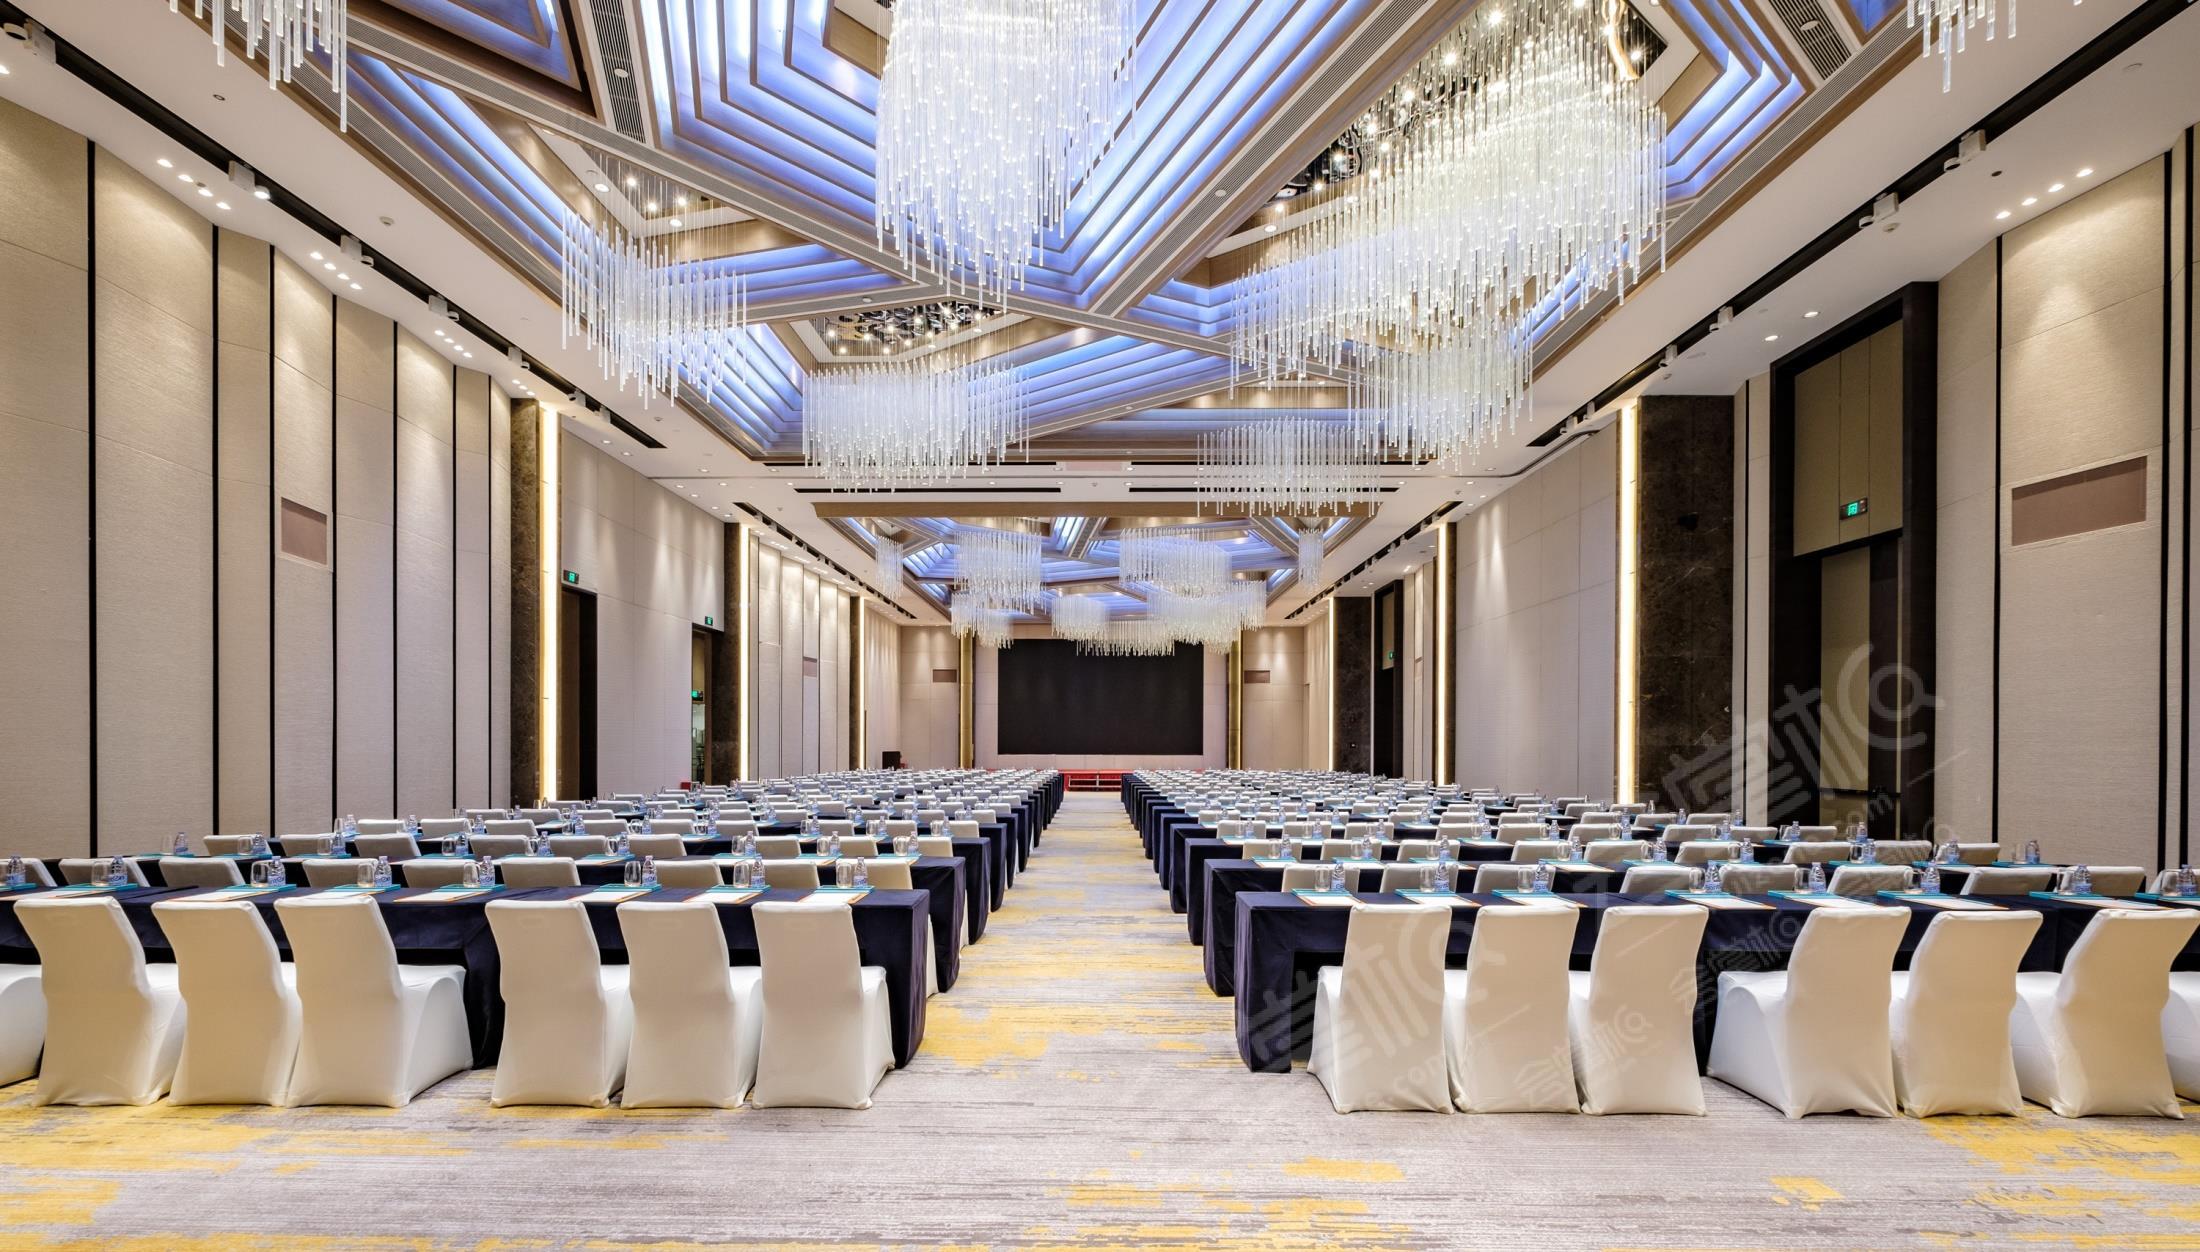 杭州会议室价格,杭州会议活动场地,杭州五星级酒店